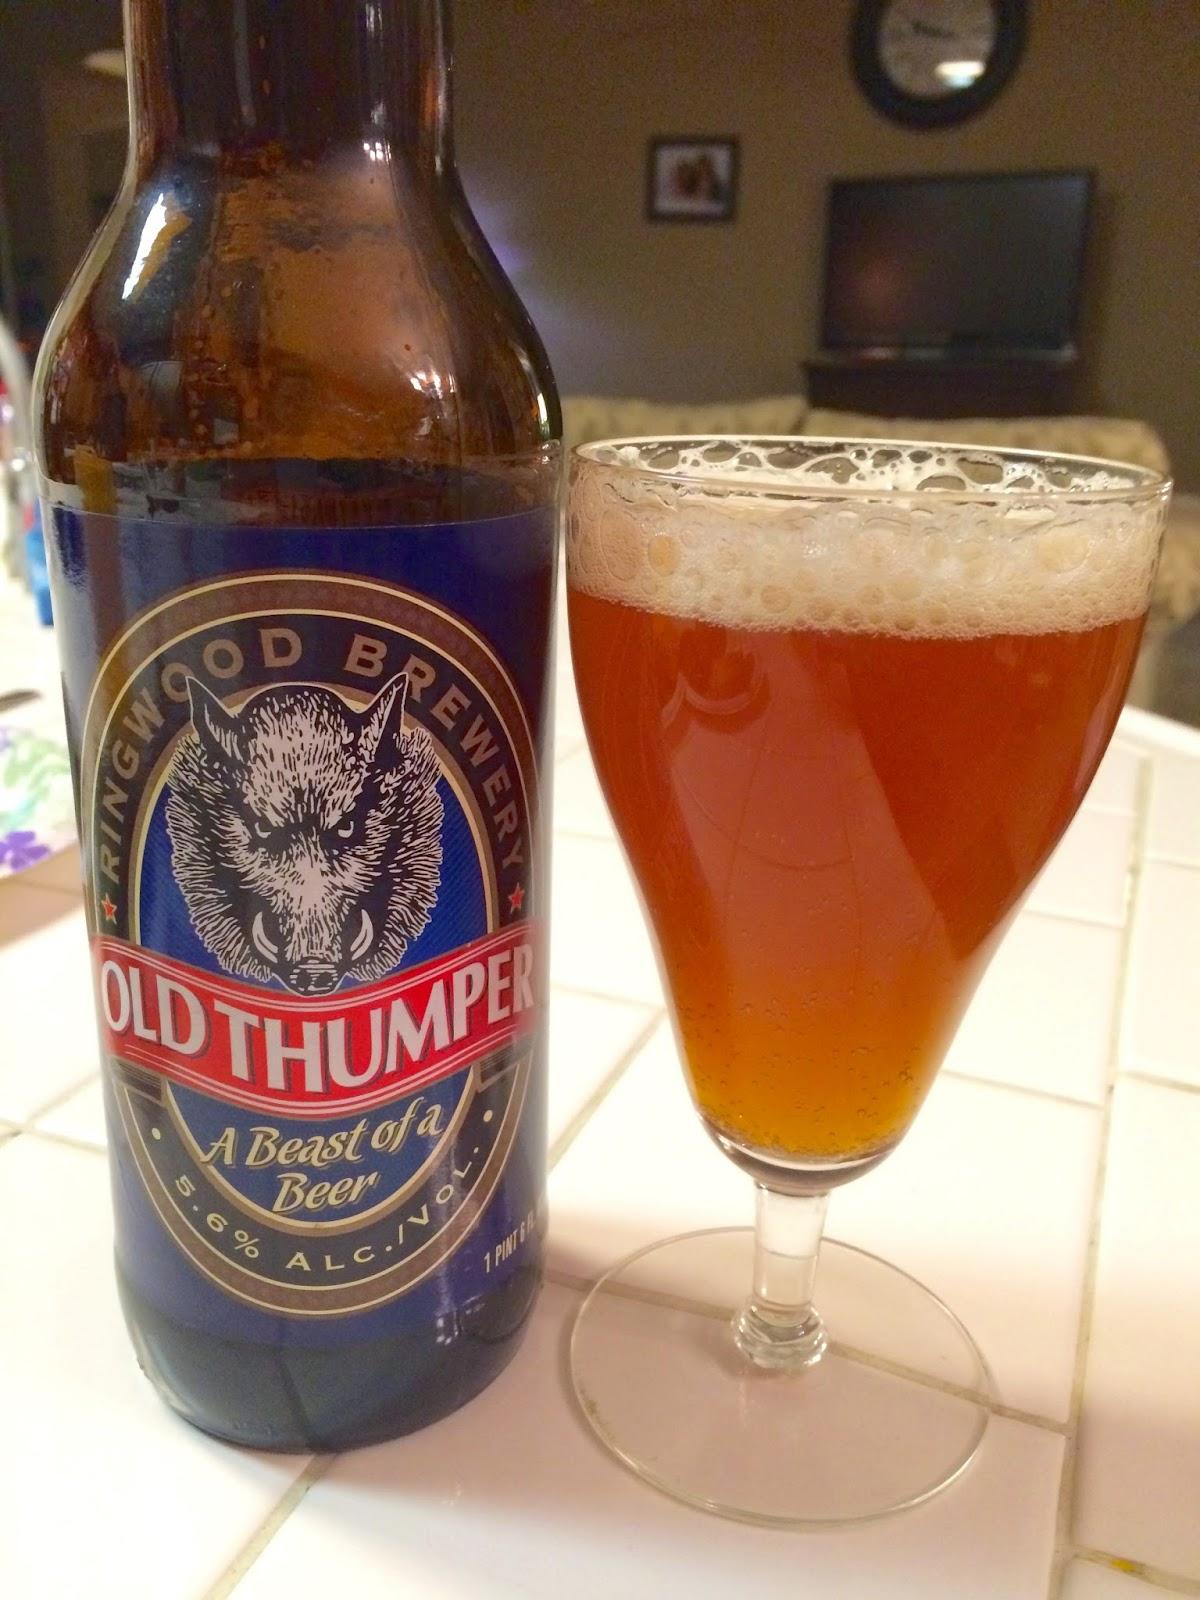 Shipyard Old Thumper Ale 1